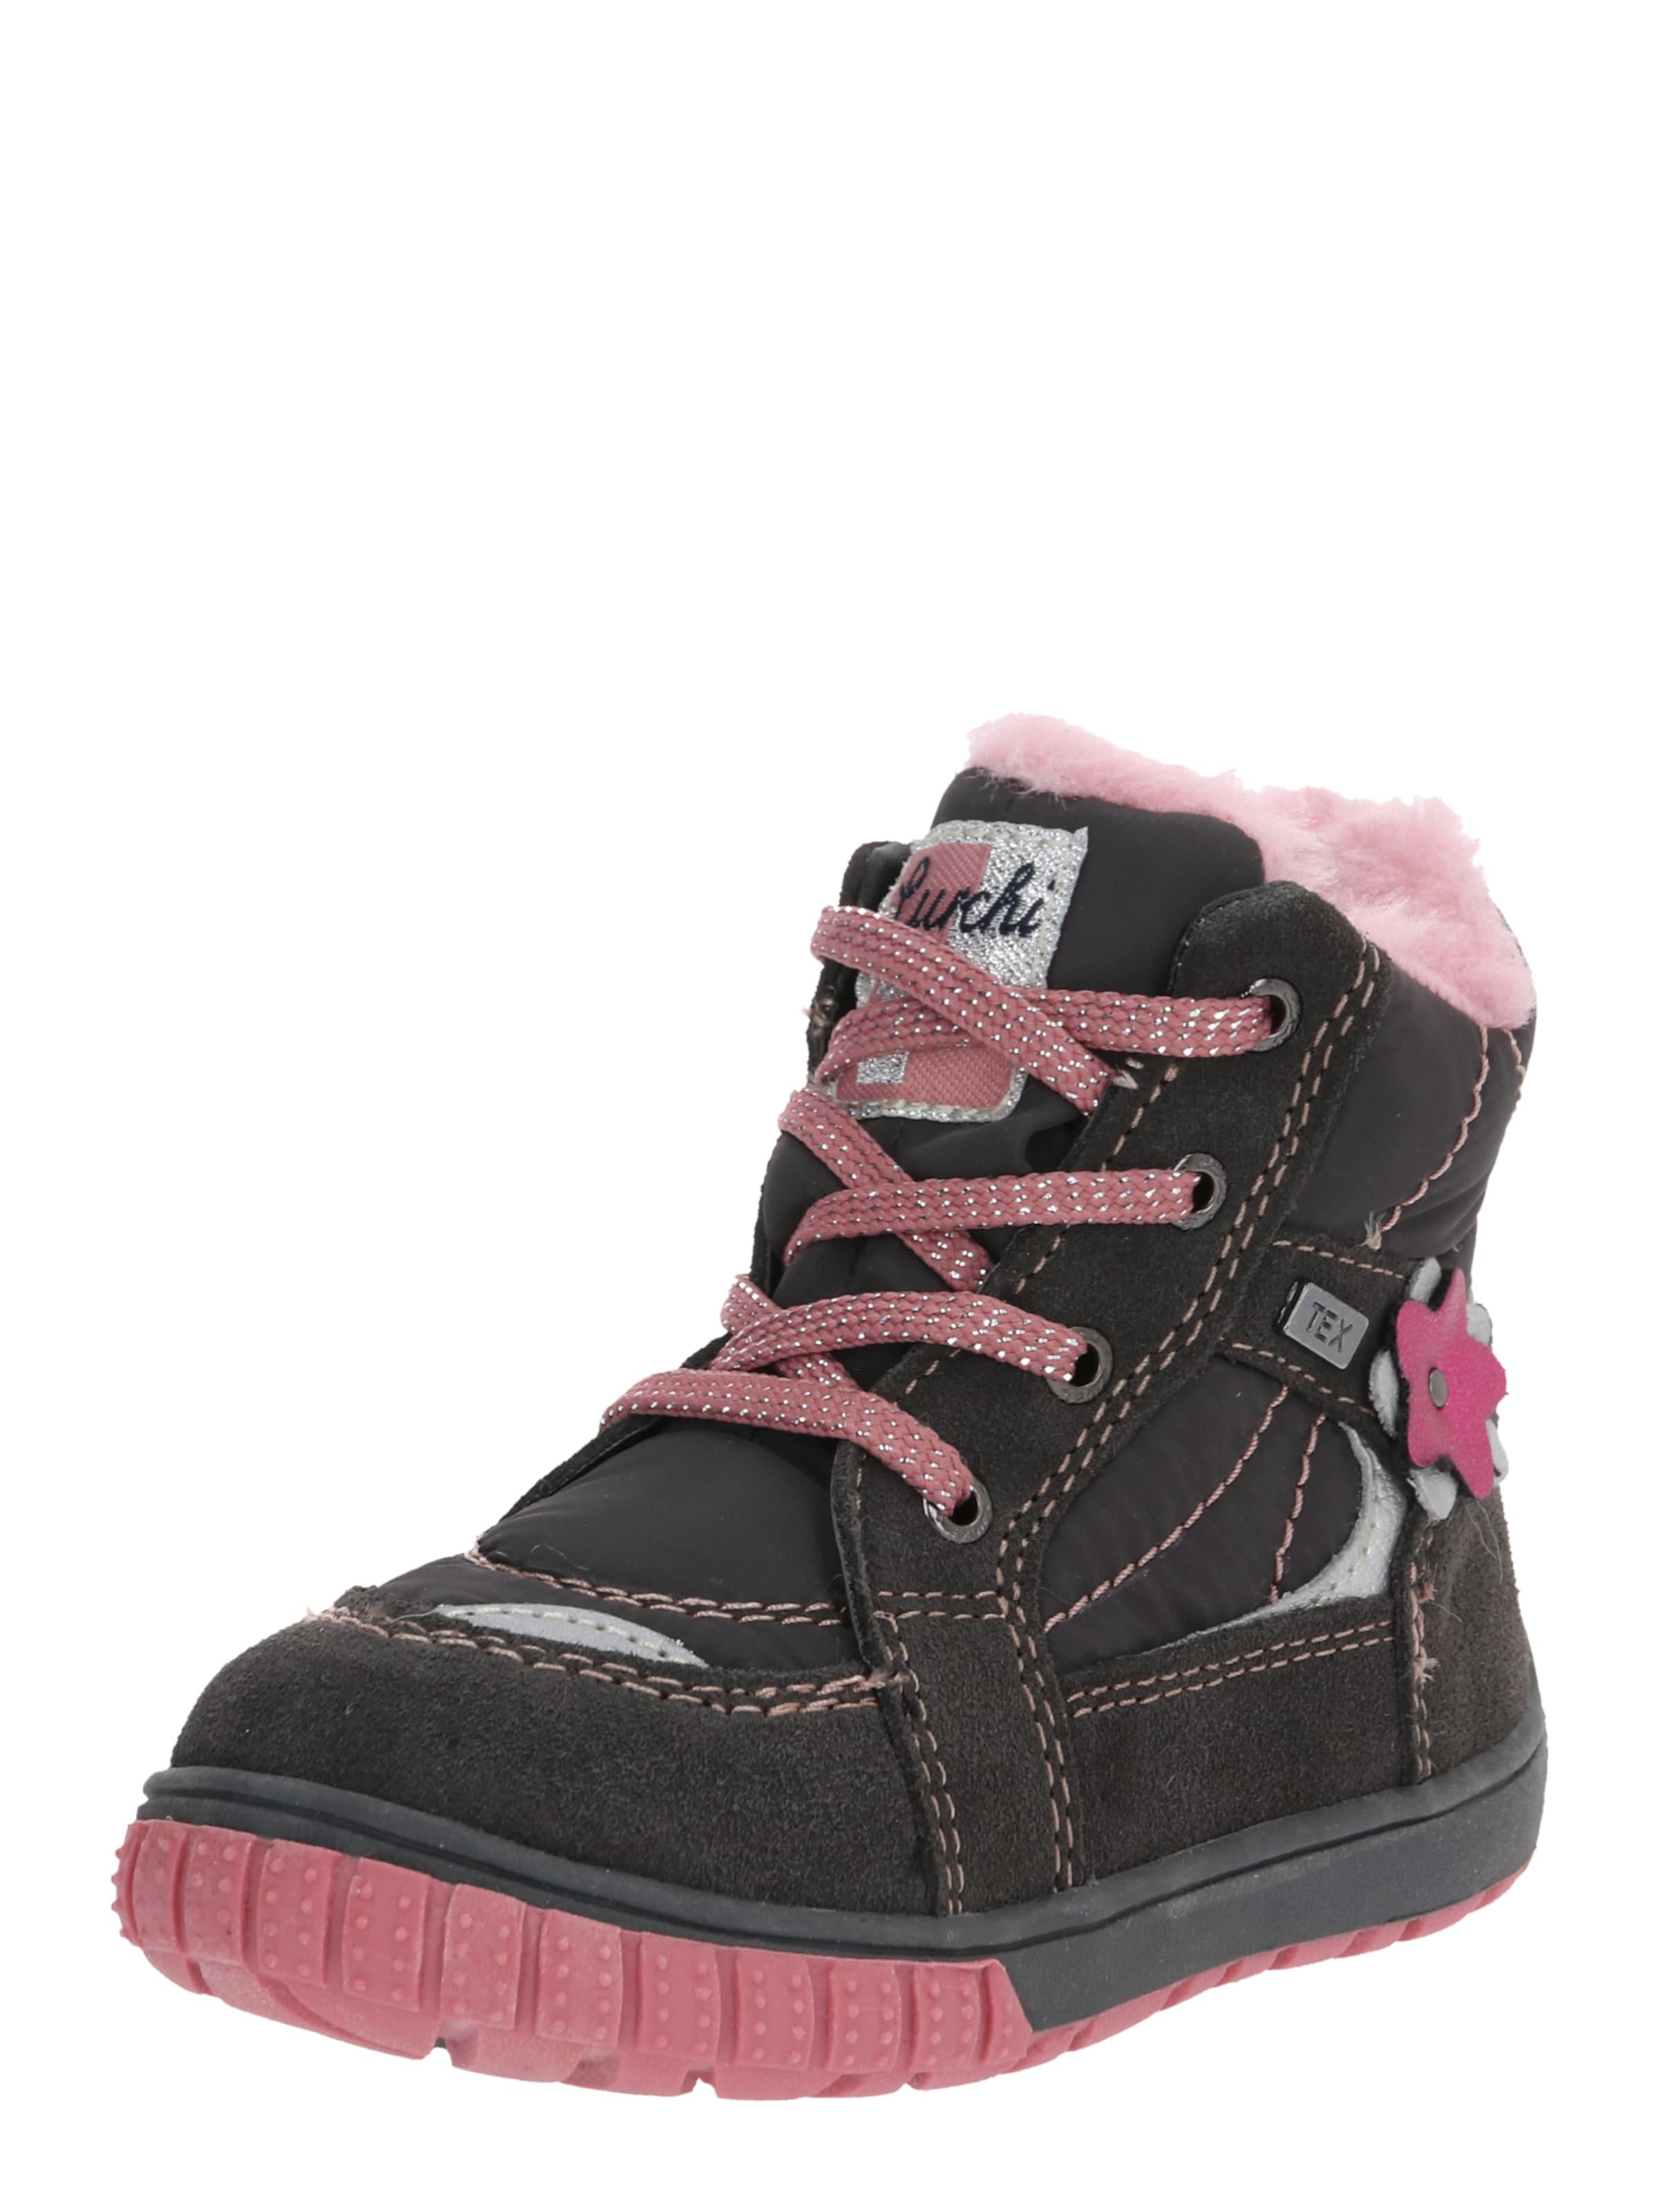 Kinder,  Mädchen,  Kinder LURCHI Stiefel blau, braun,  rosa | 04057695624758